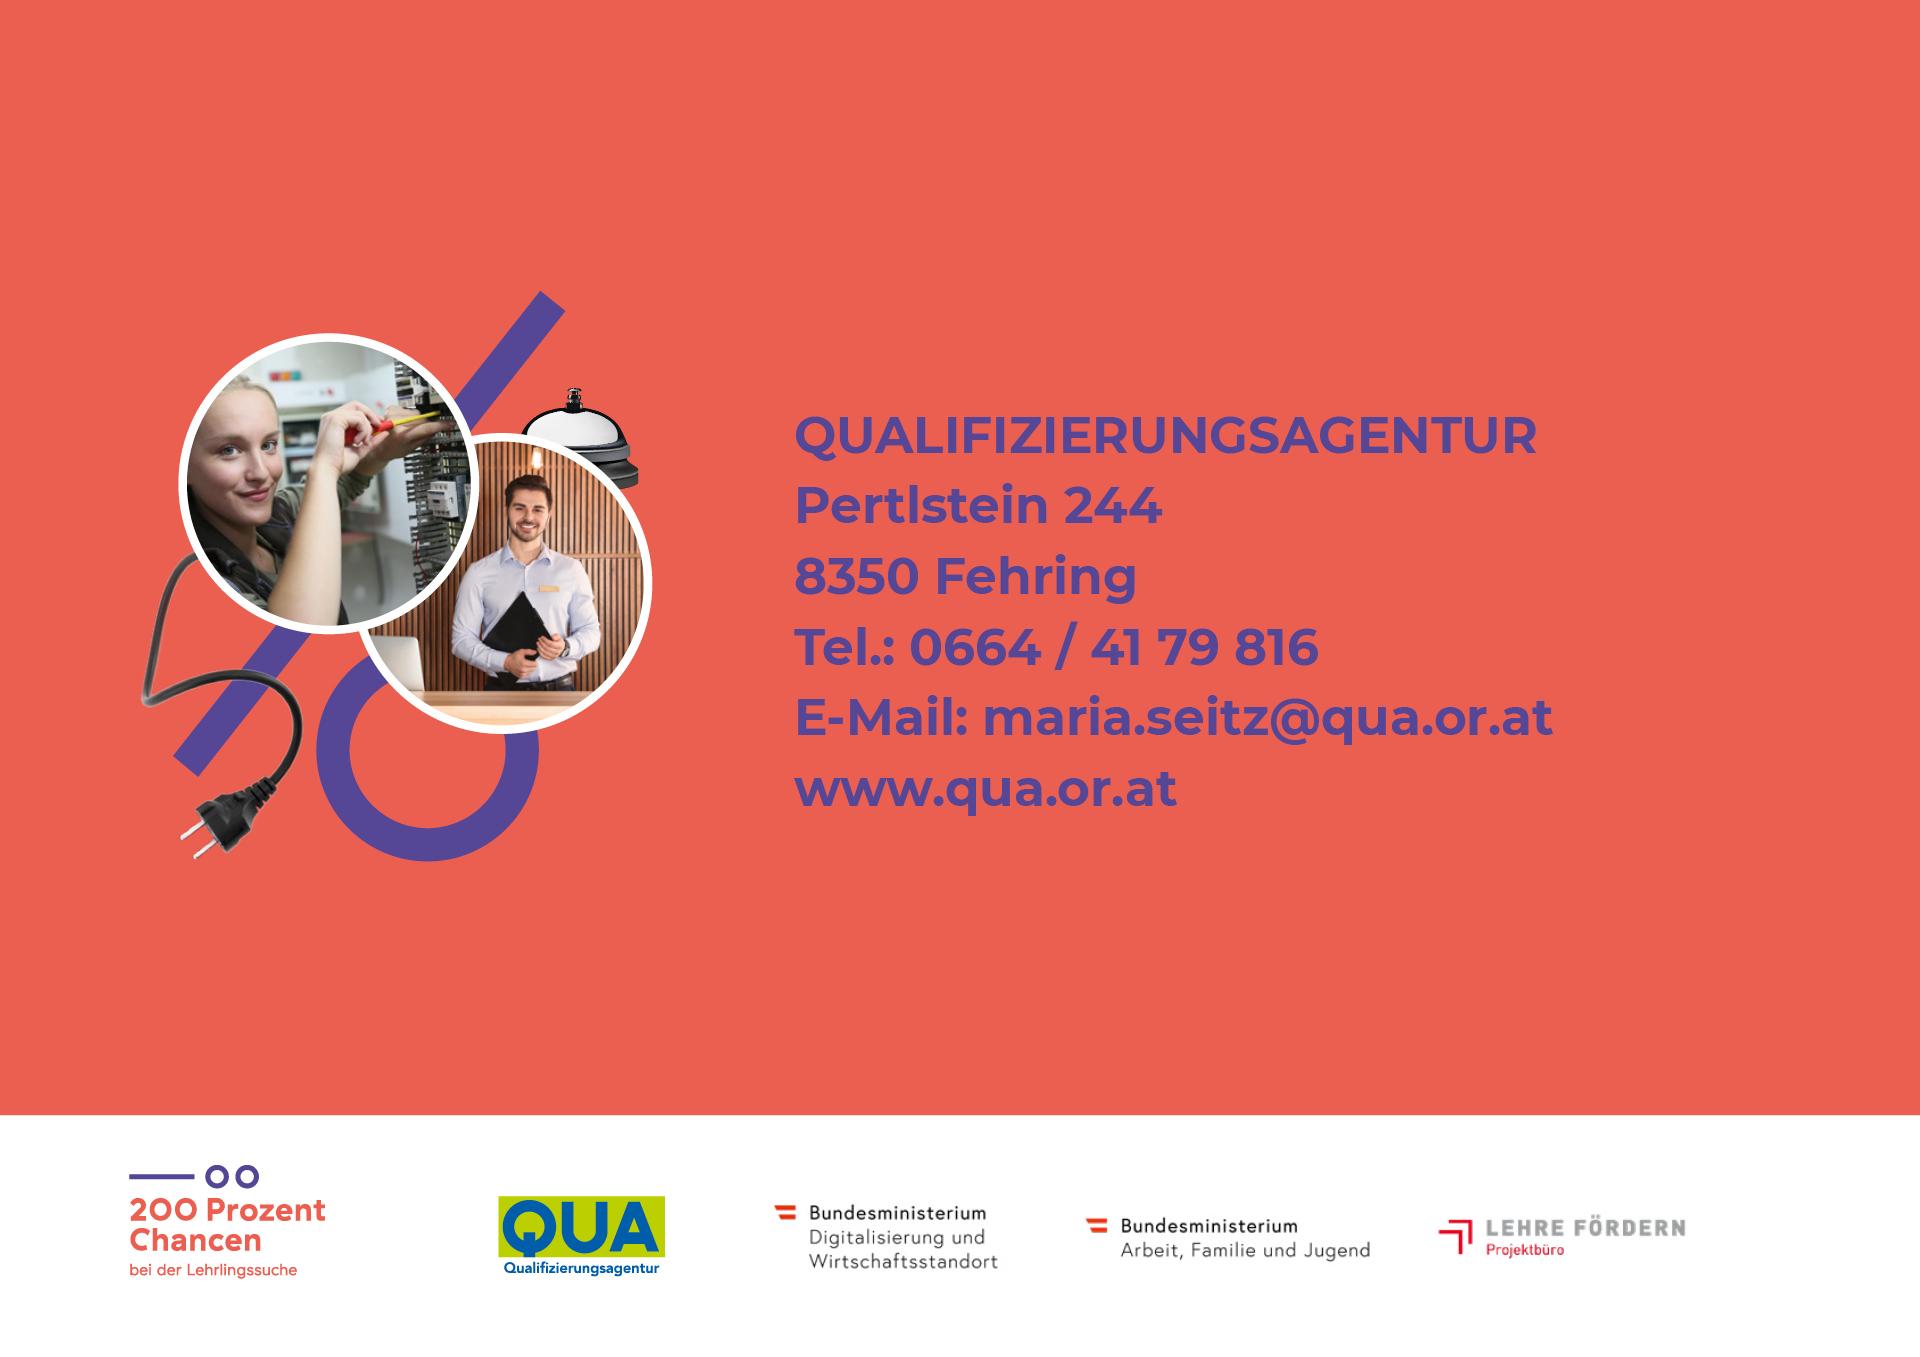 Webauftritt für das Projekt 200 Prozent Chancen von der Designagentur look! design